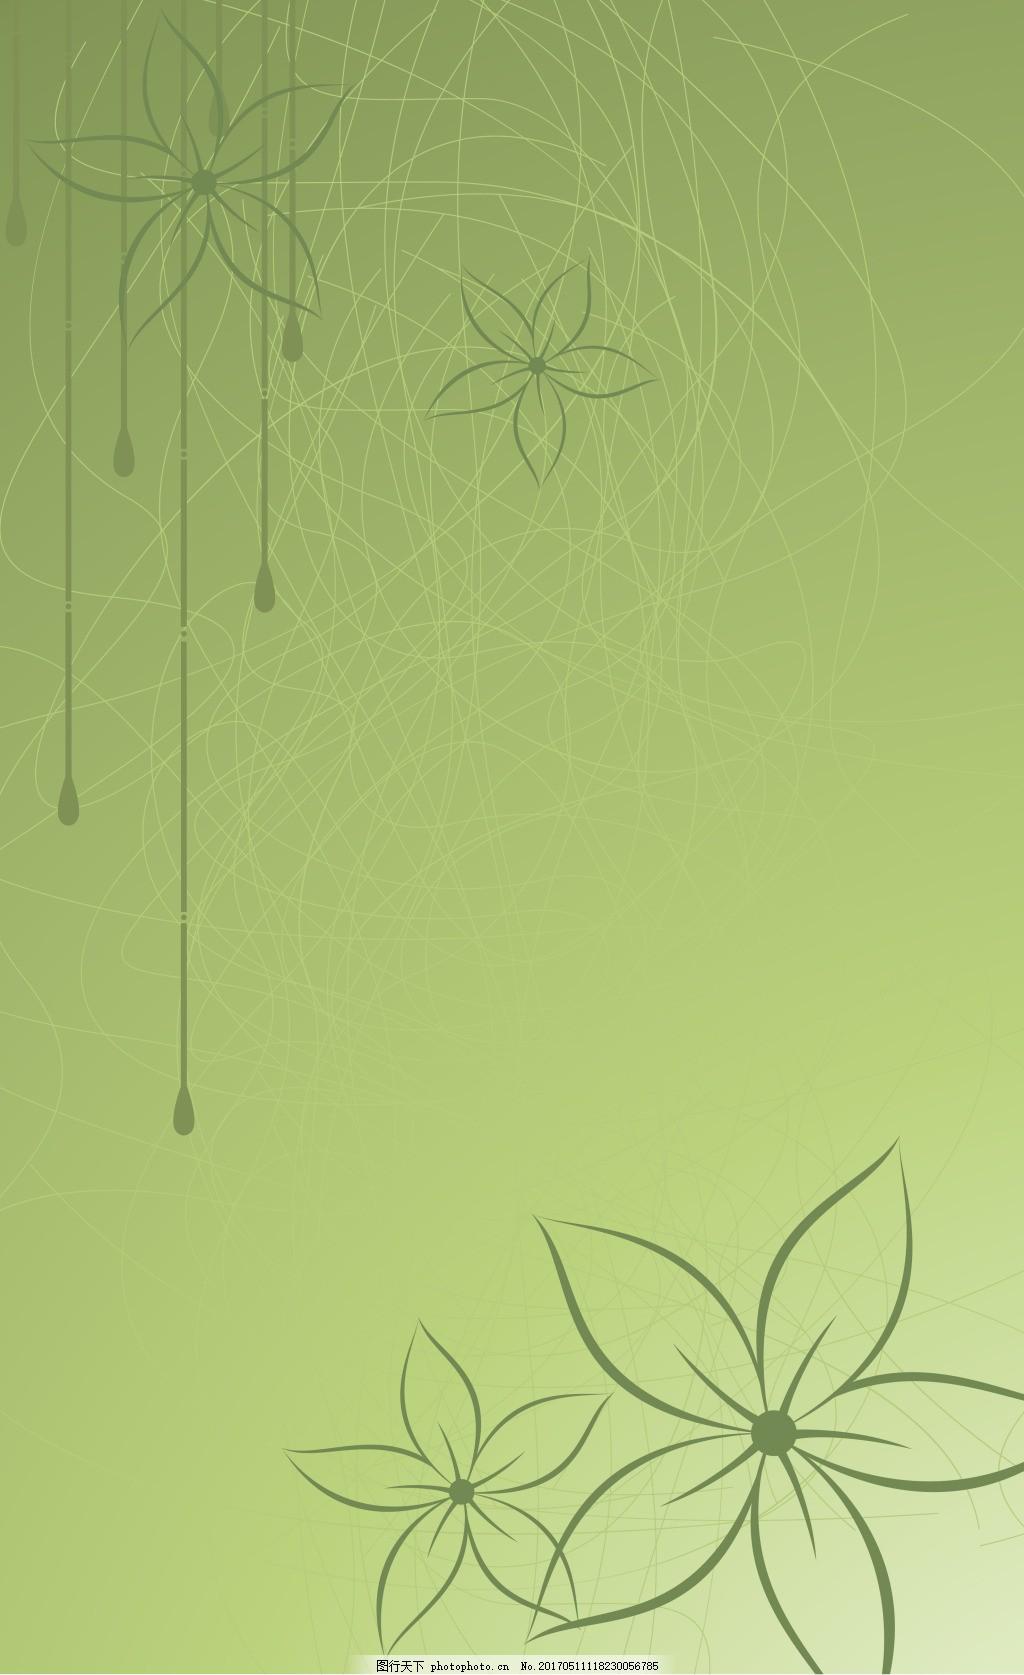 手绘花朵绿色背景